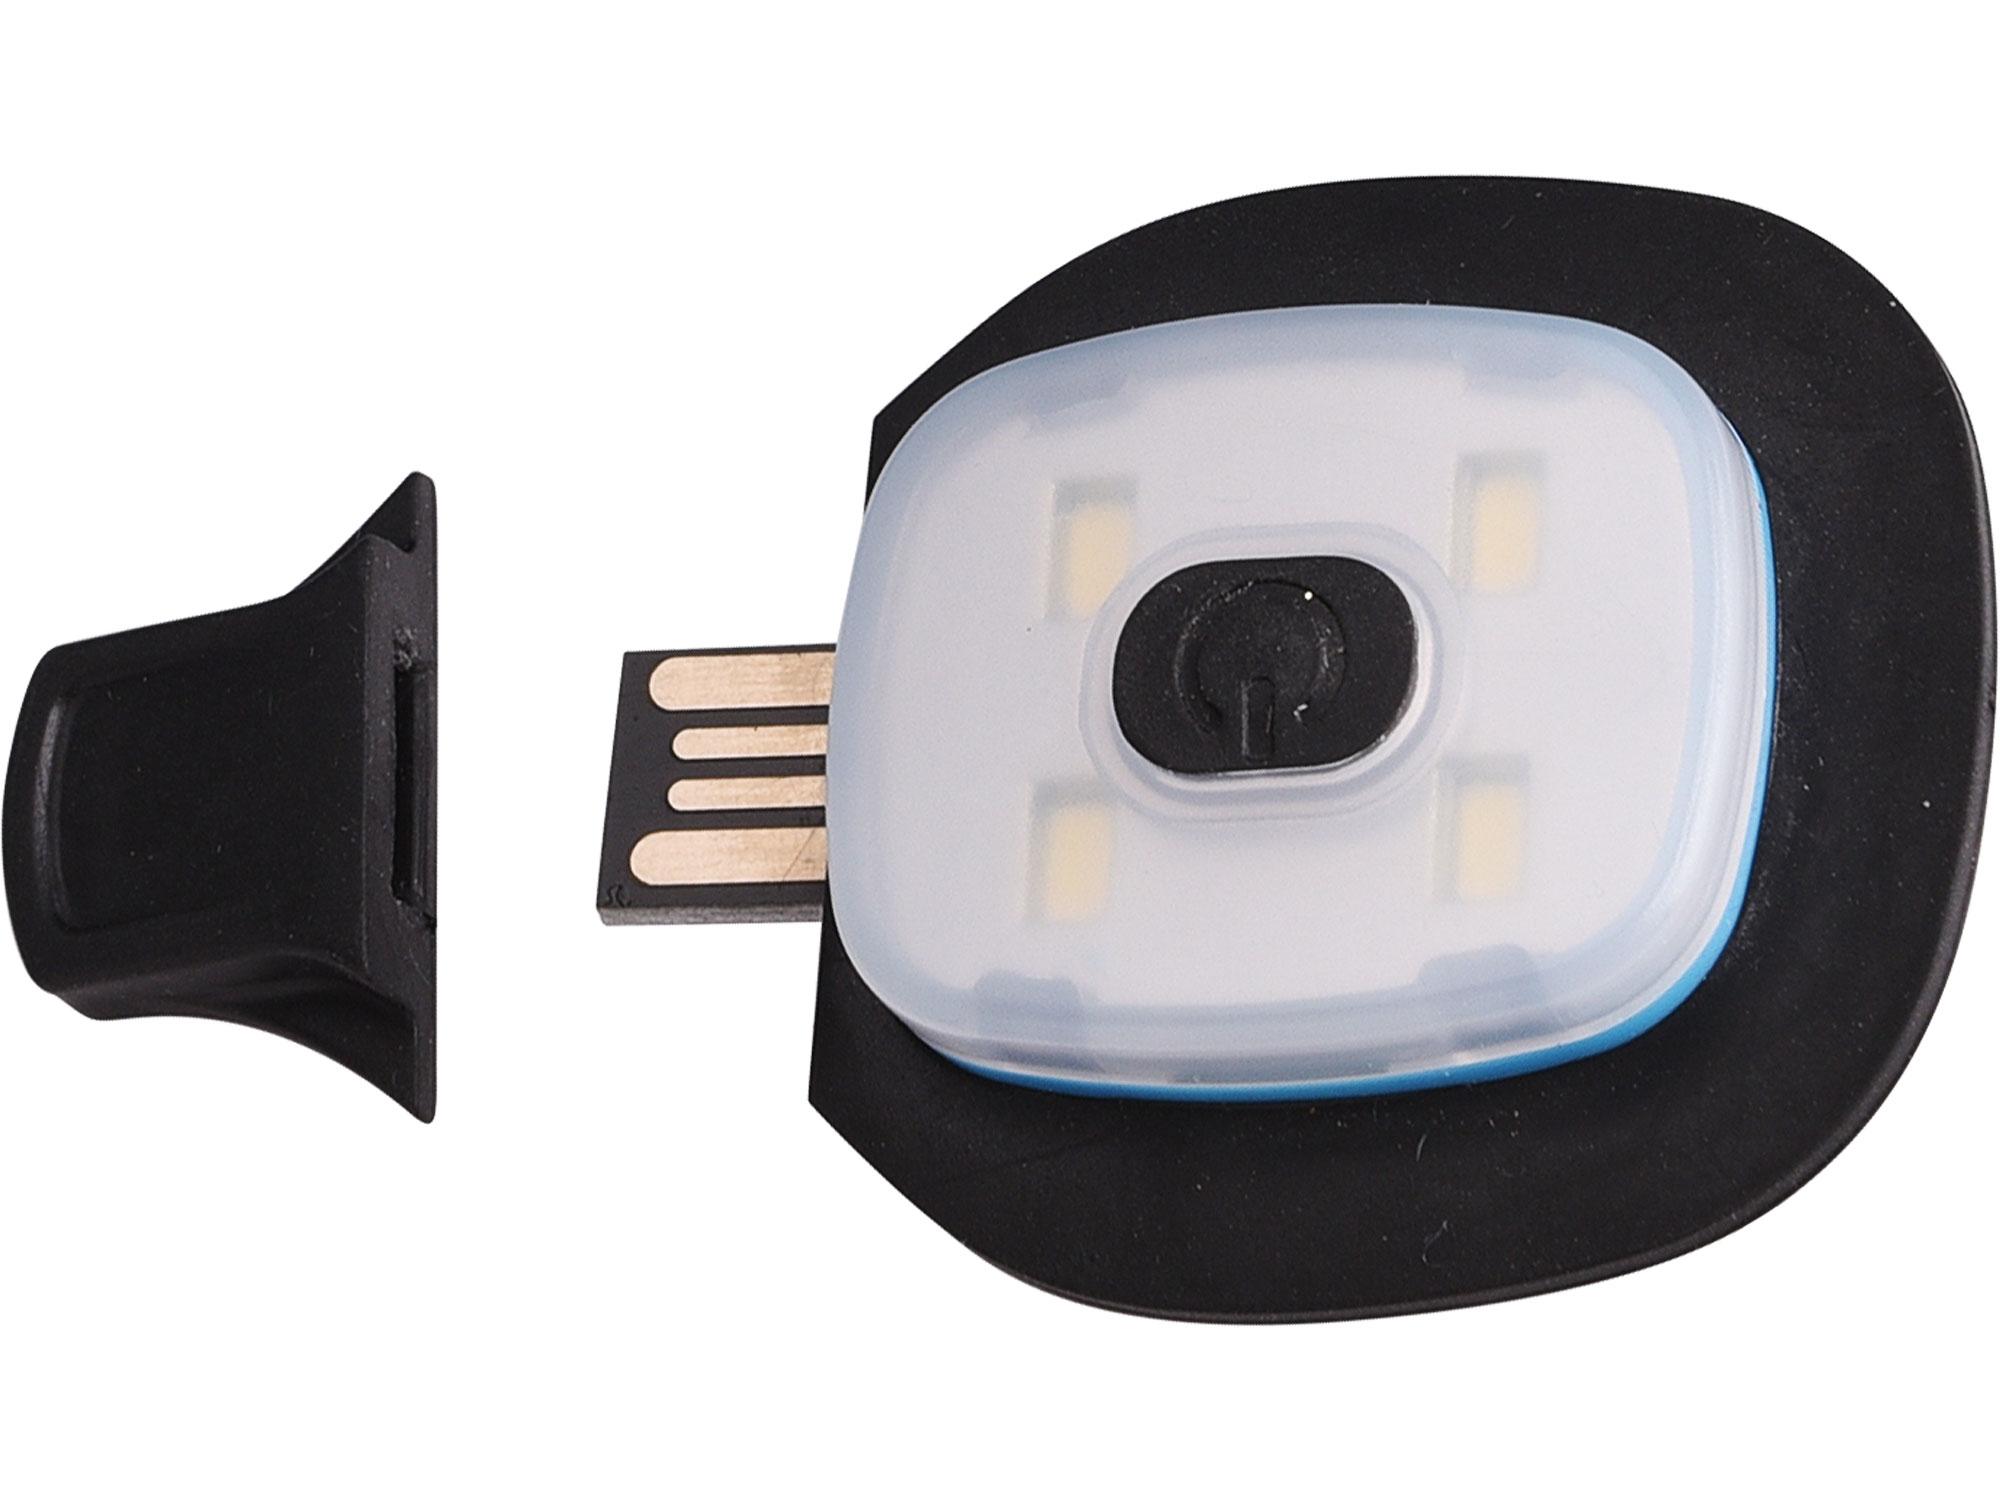 Světlo do čepice, náhradní, nabíjecí, USB 43191a EXTOL LIGHT